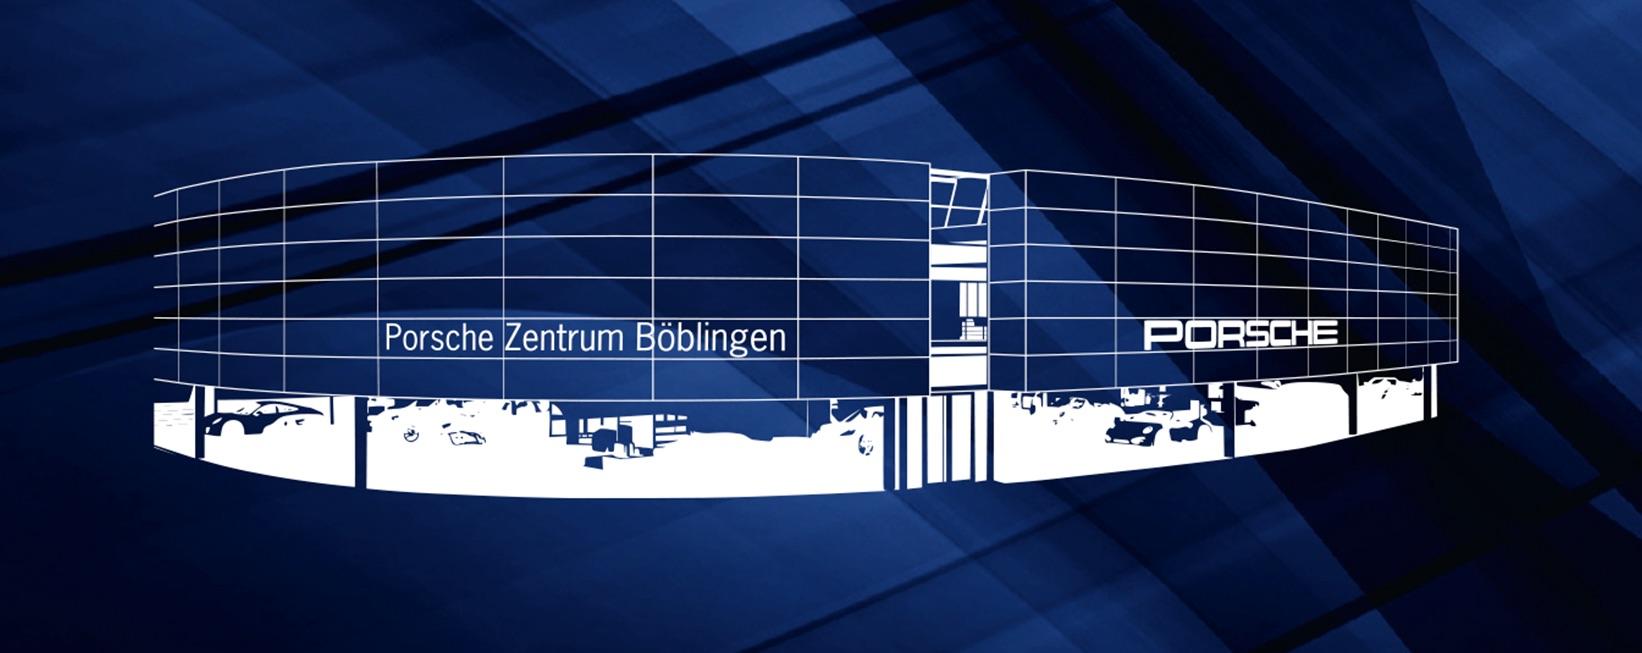 Das Porsche Zentrum in Böblingen